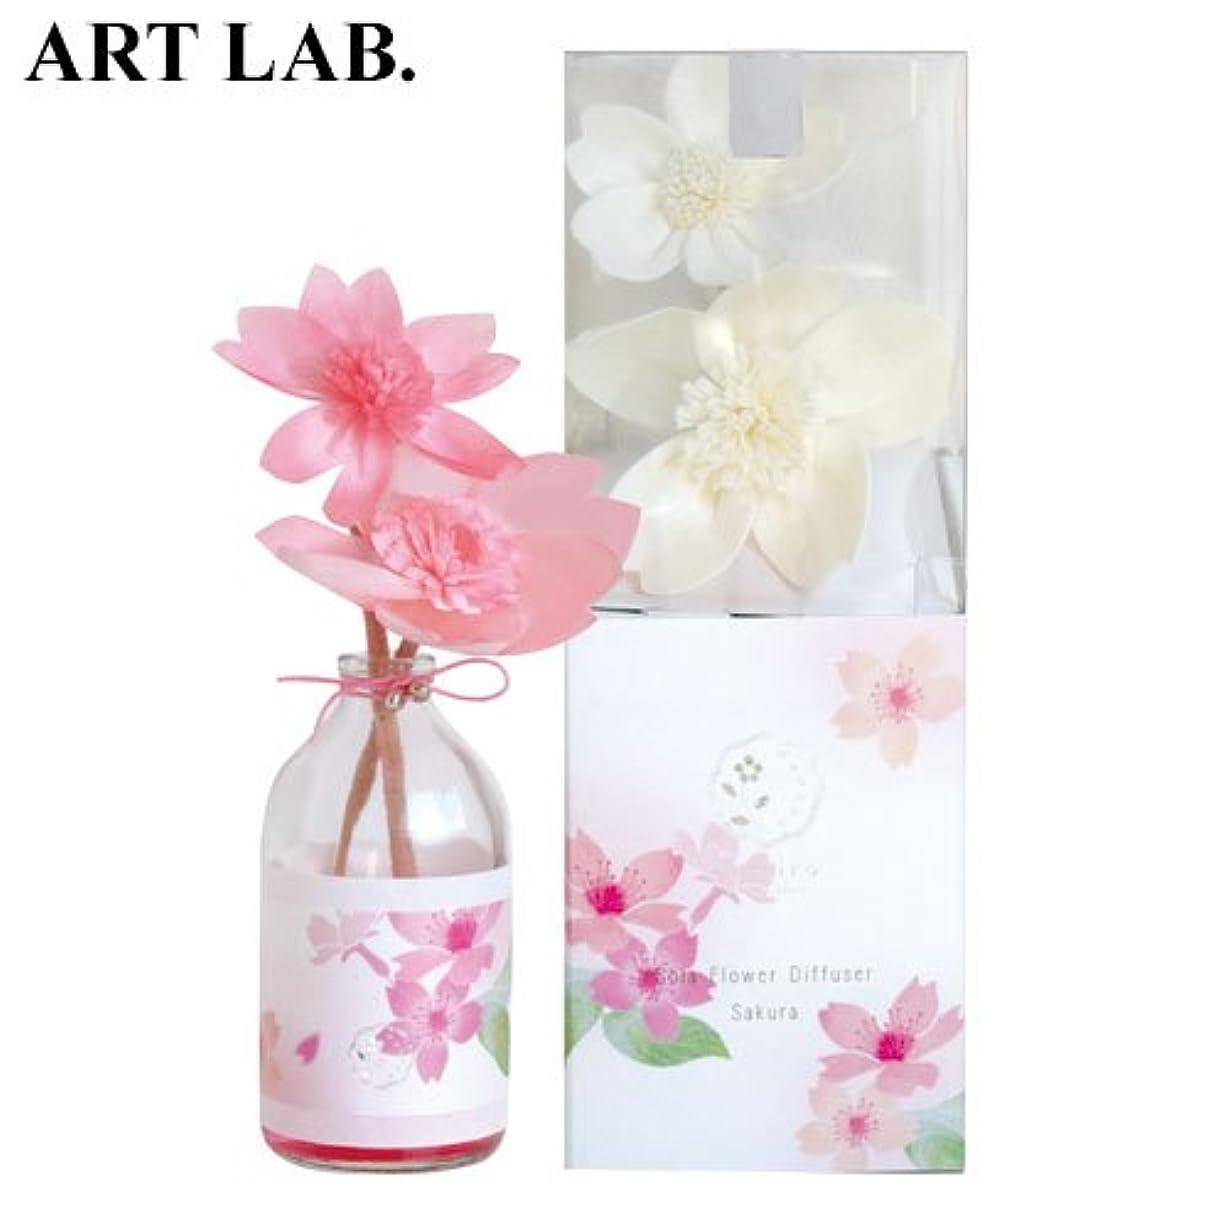 直感鎖wanokaソラフラワーディフューザー桜《桜をイメージした甘い香り》ART LABAroma Diffuser